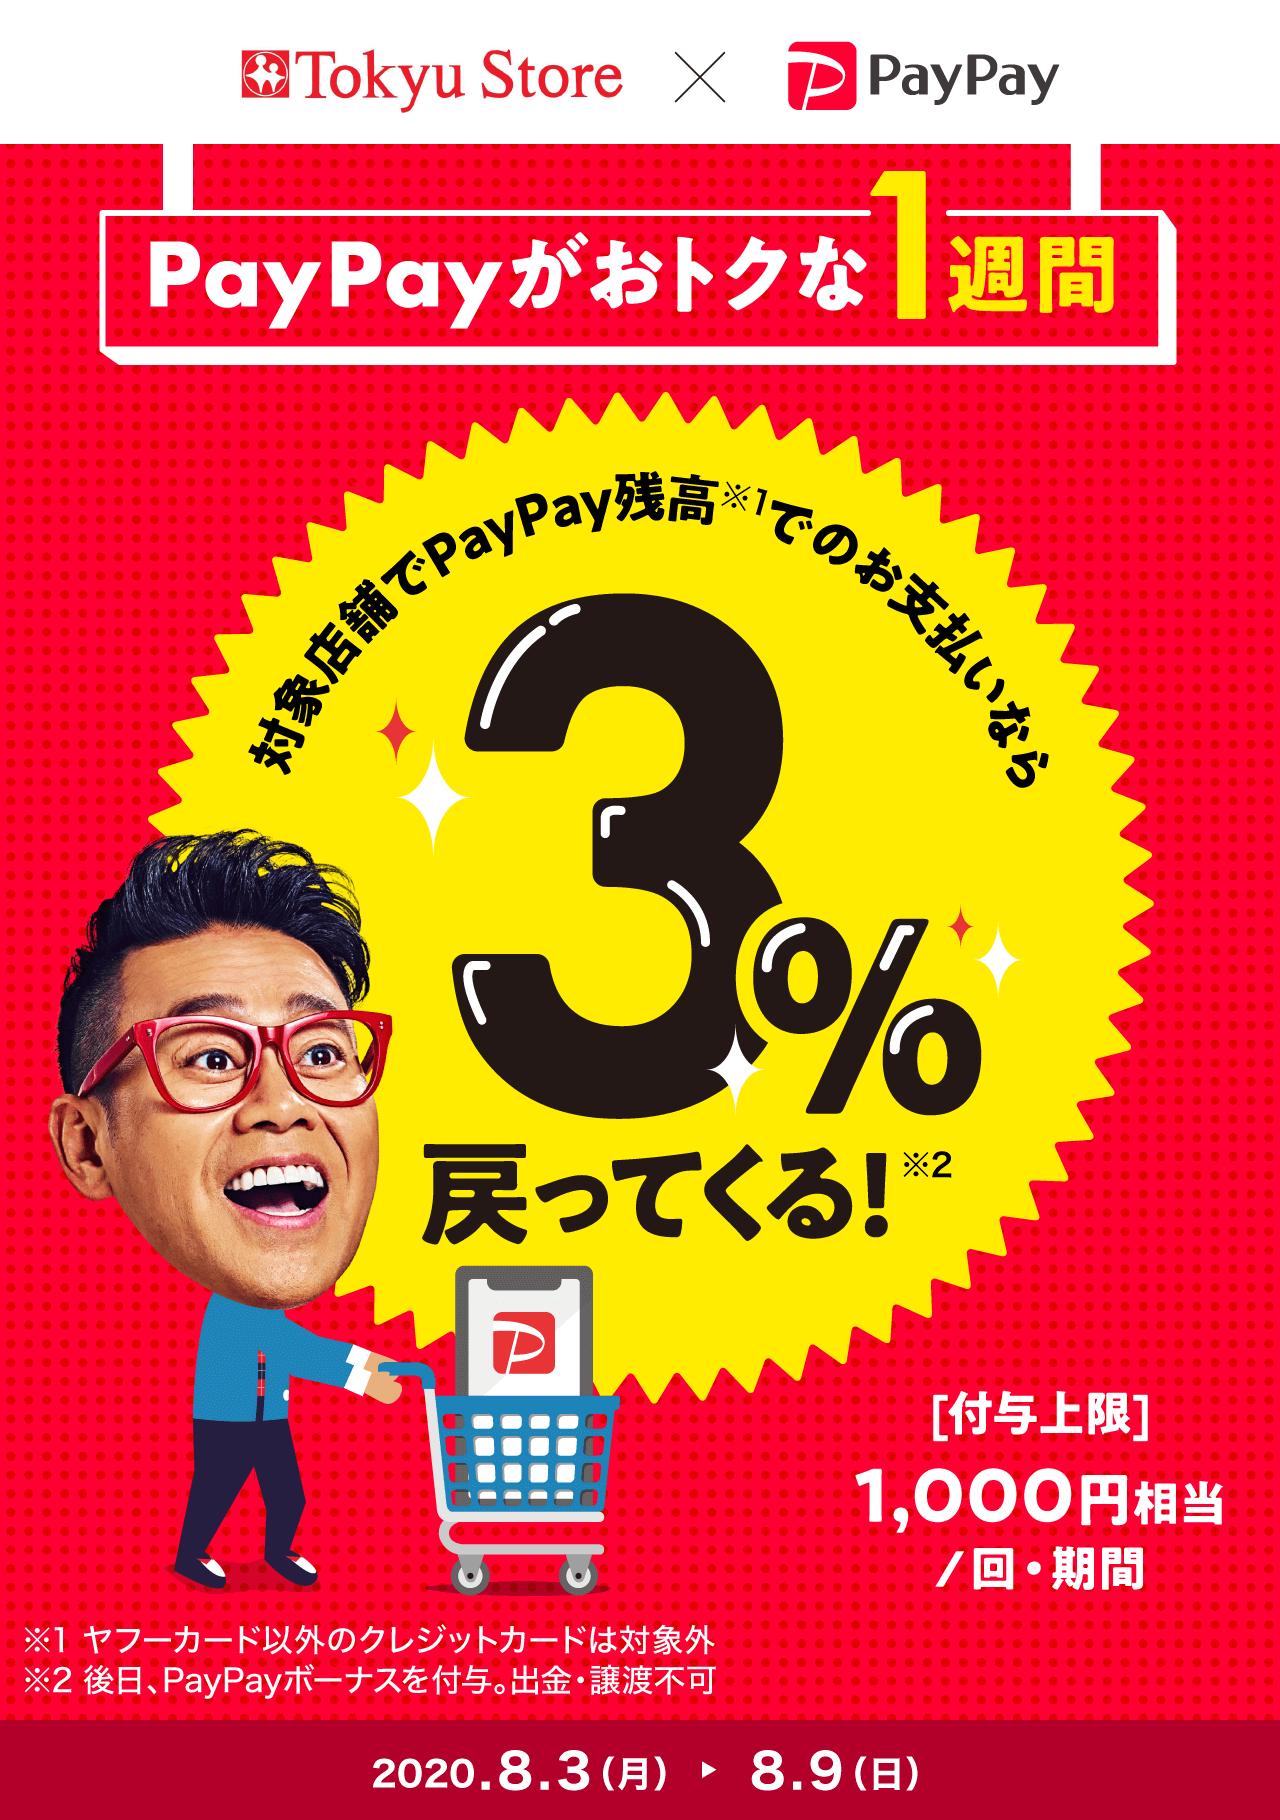 PayPayがおトクな1週間 対象店舗でPayPay残高でのお支払いなら3%戻ってくる!